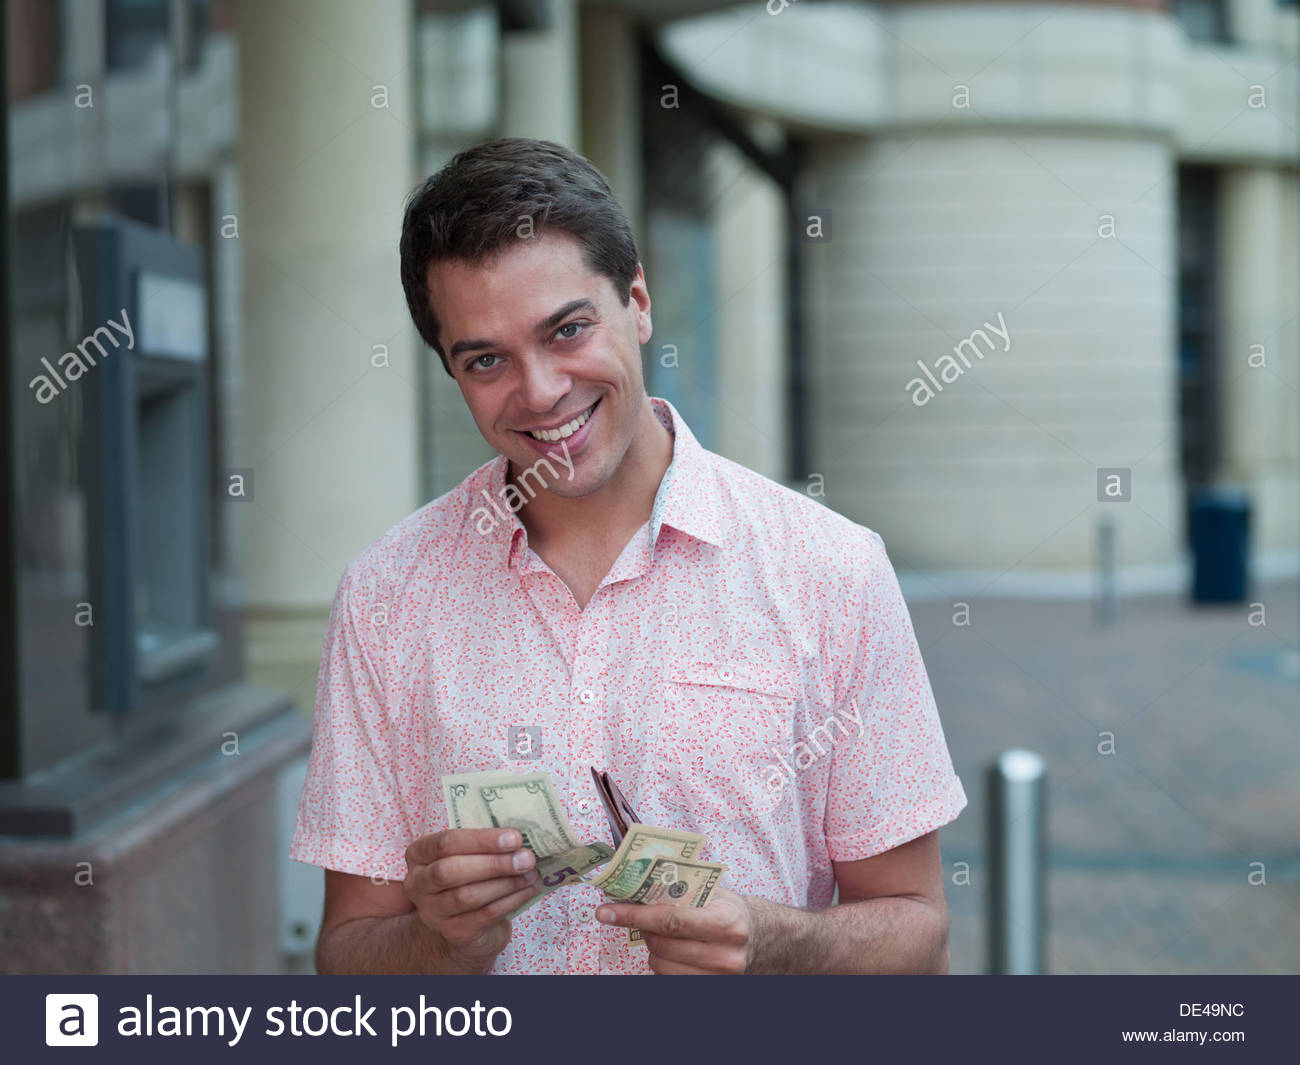 Lächelnder Mann Geldzählen in der Nähe von Geldautomaten Stockbild